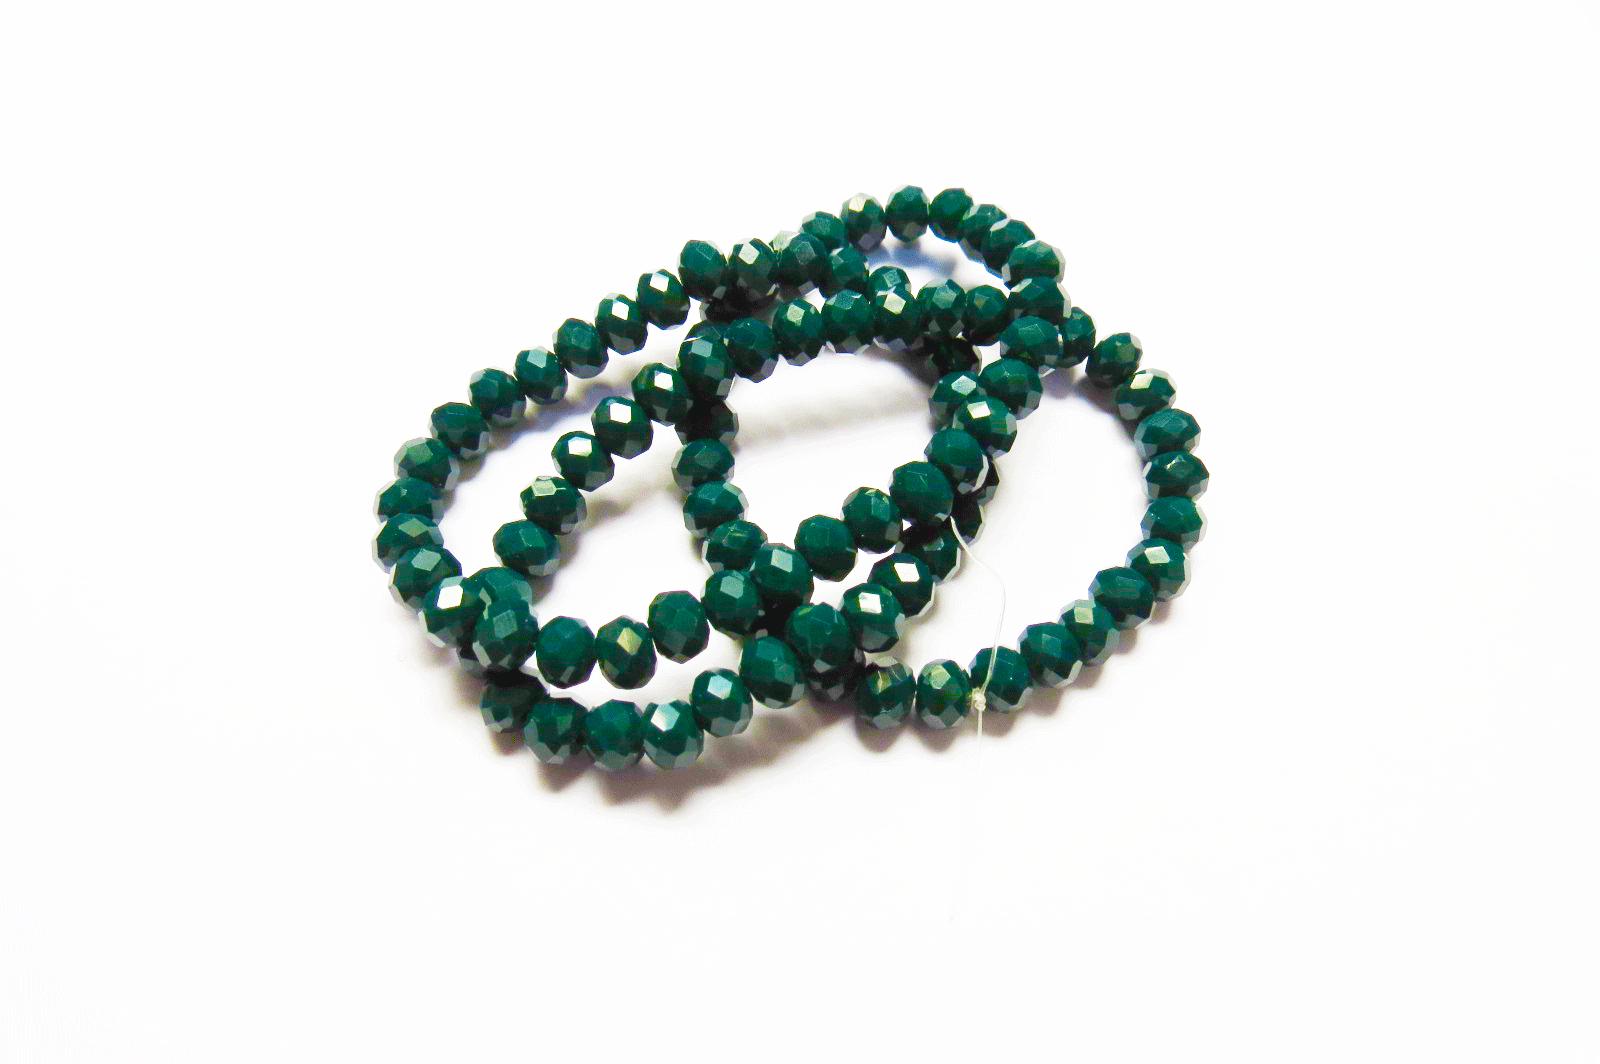 Verde Leitoso Achatado (06 mm)